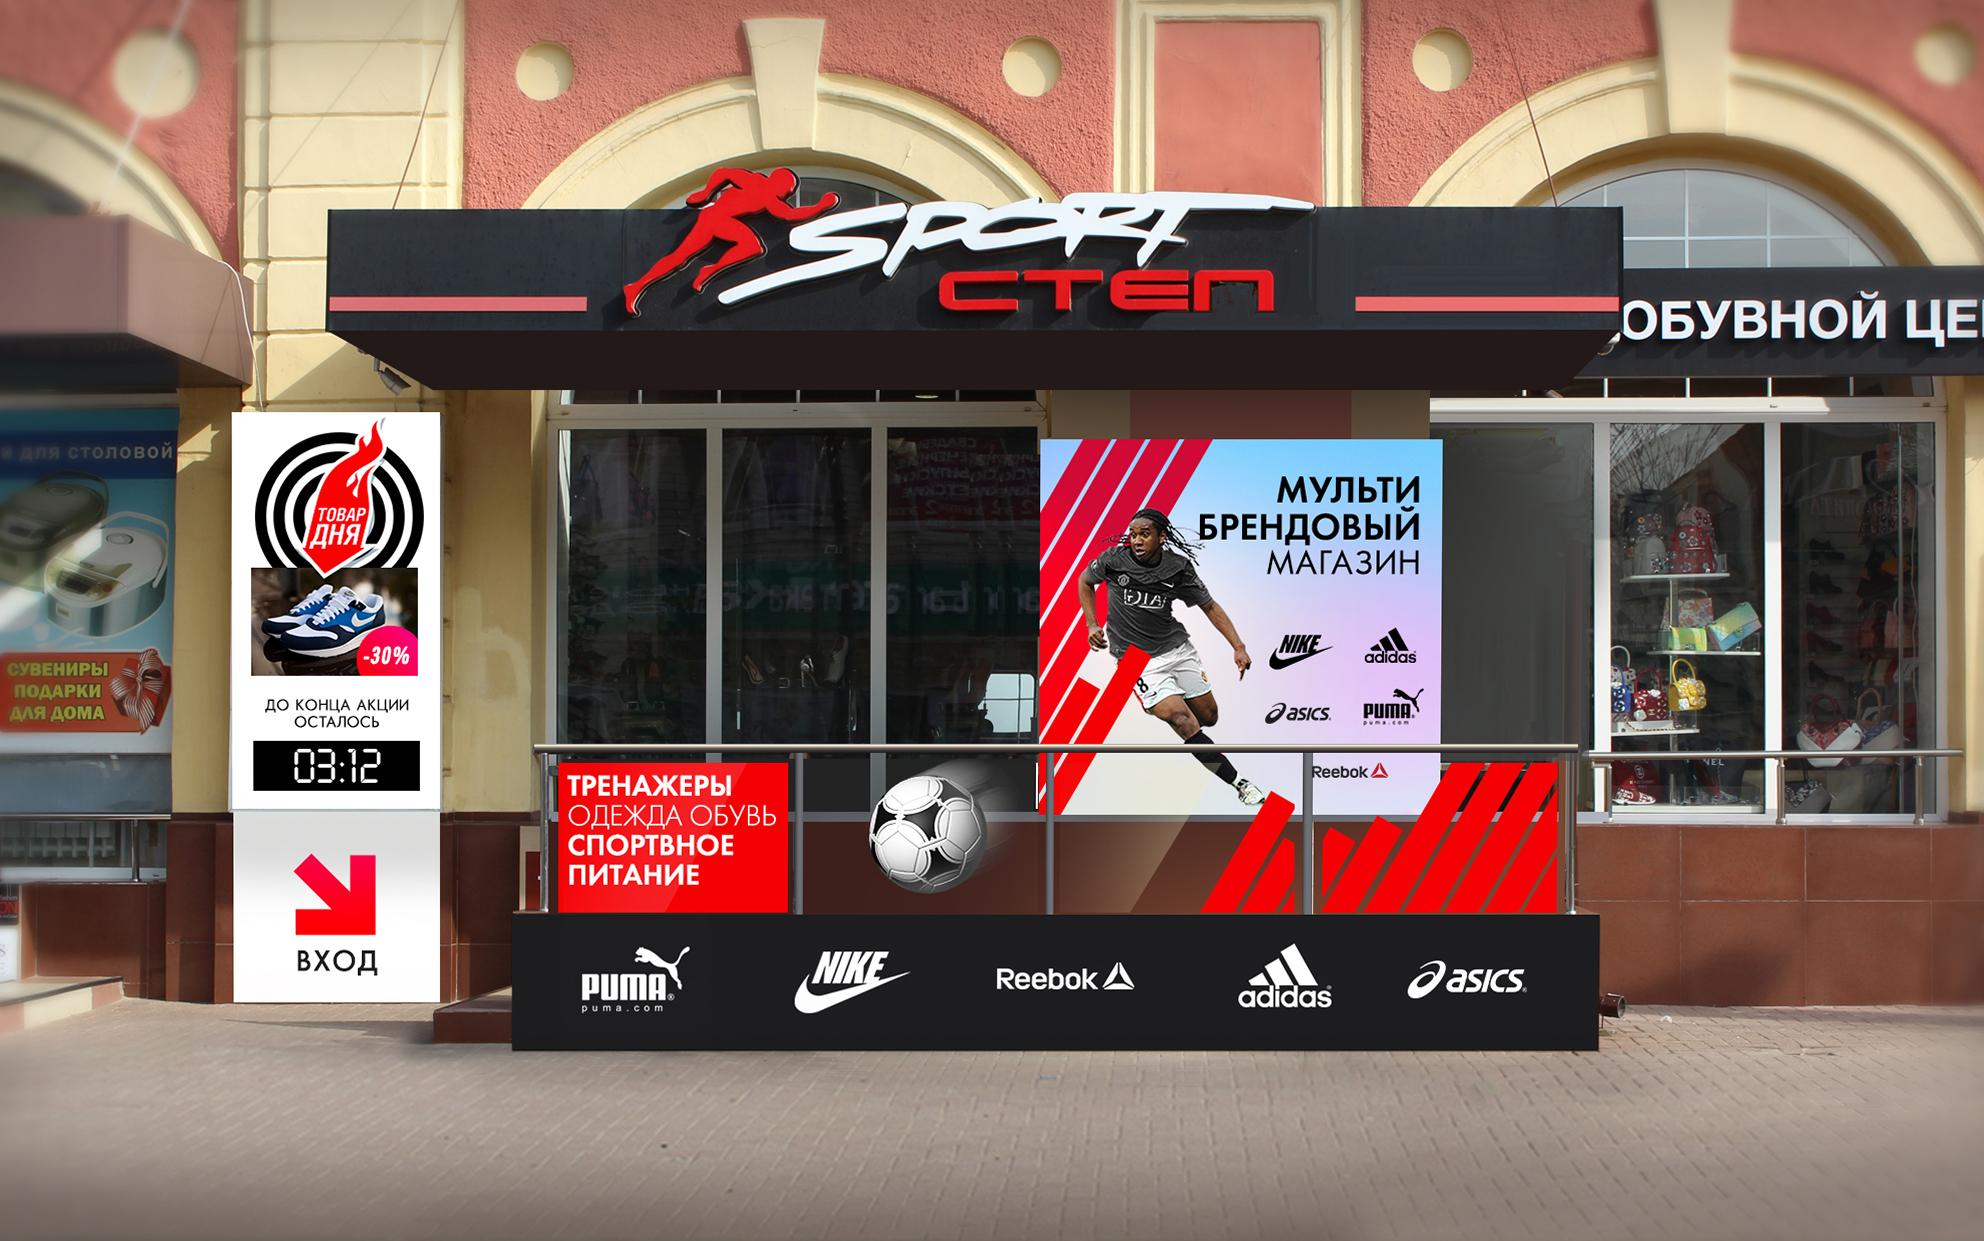 """Оформление фасада магазина спорт-товаров """"Спорт-Степ"""" фото f_538590a55b657f2d.jpg"""